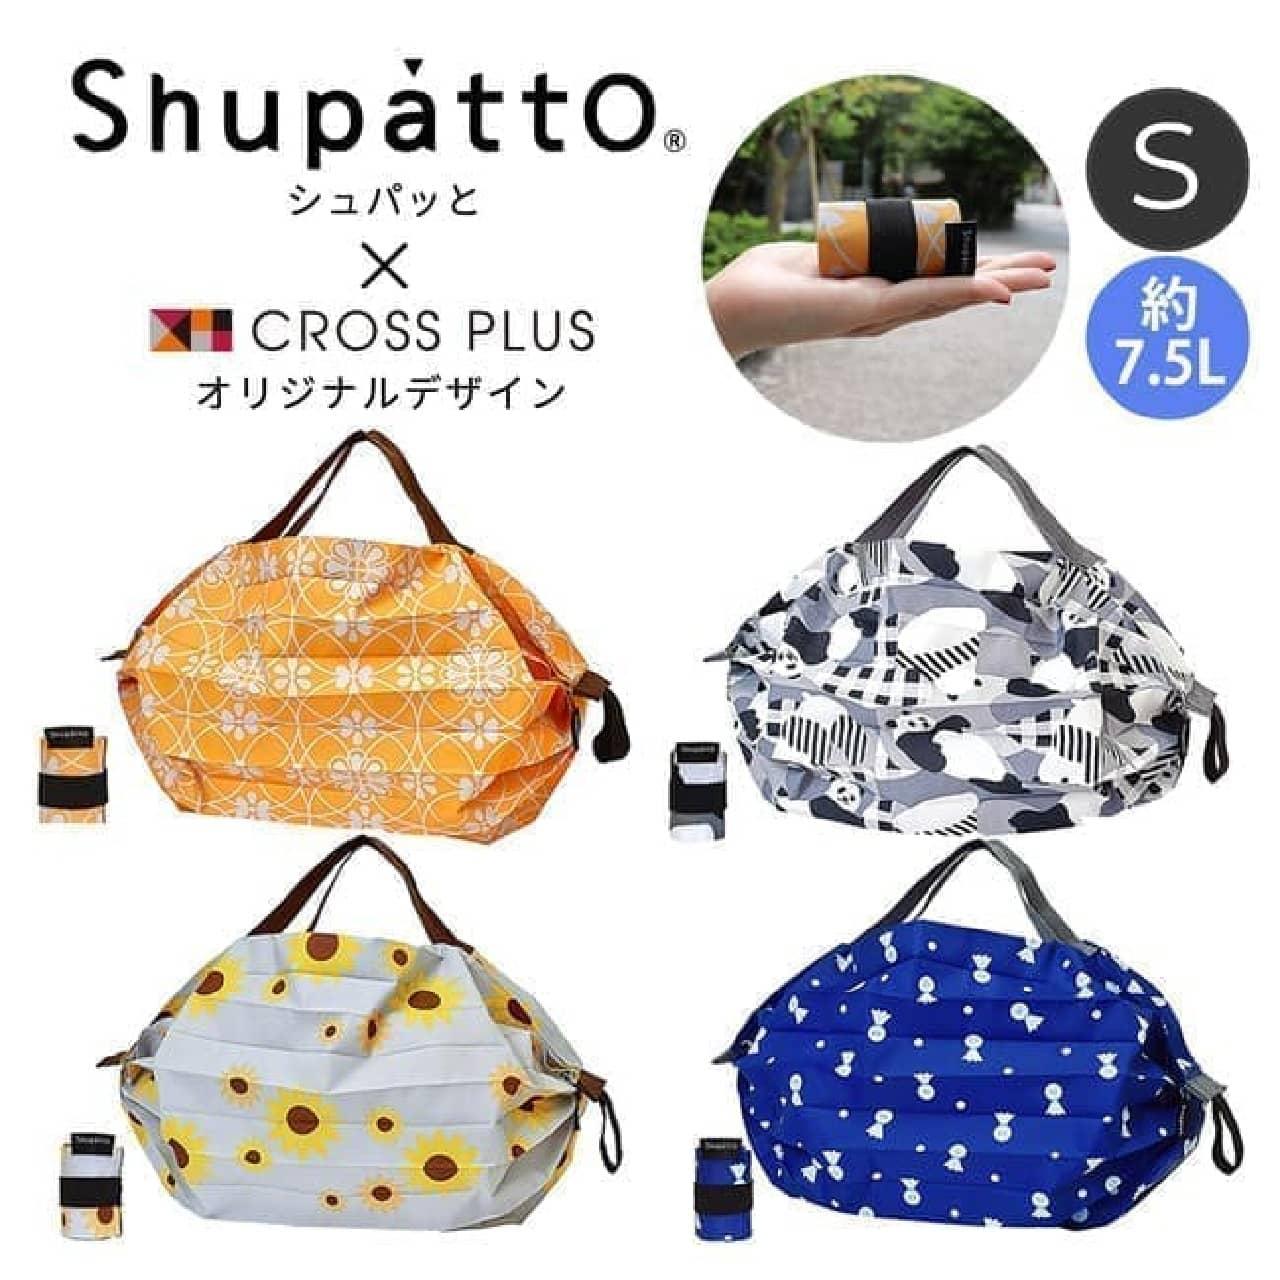 可愛いひまわりも♪ 人気エコバッグ「シュパット」新柄 -- クロスプラスとコラボ